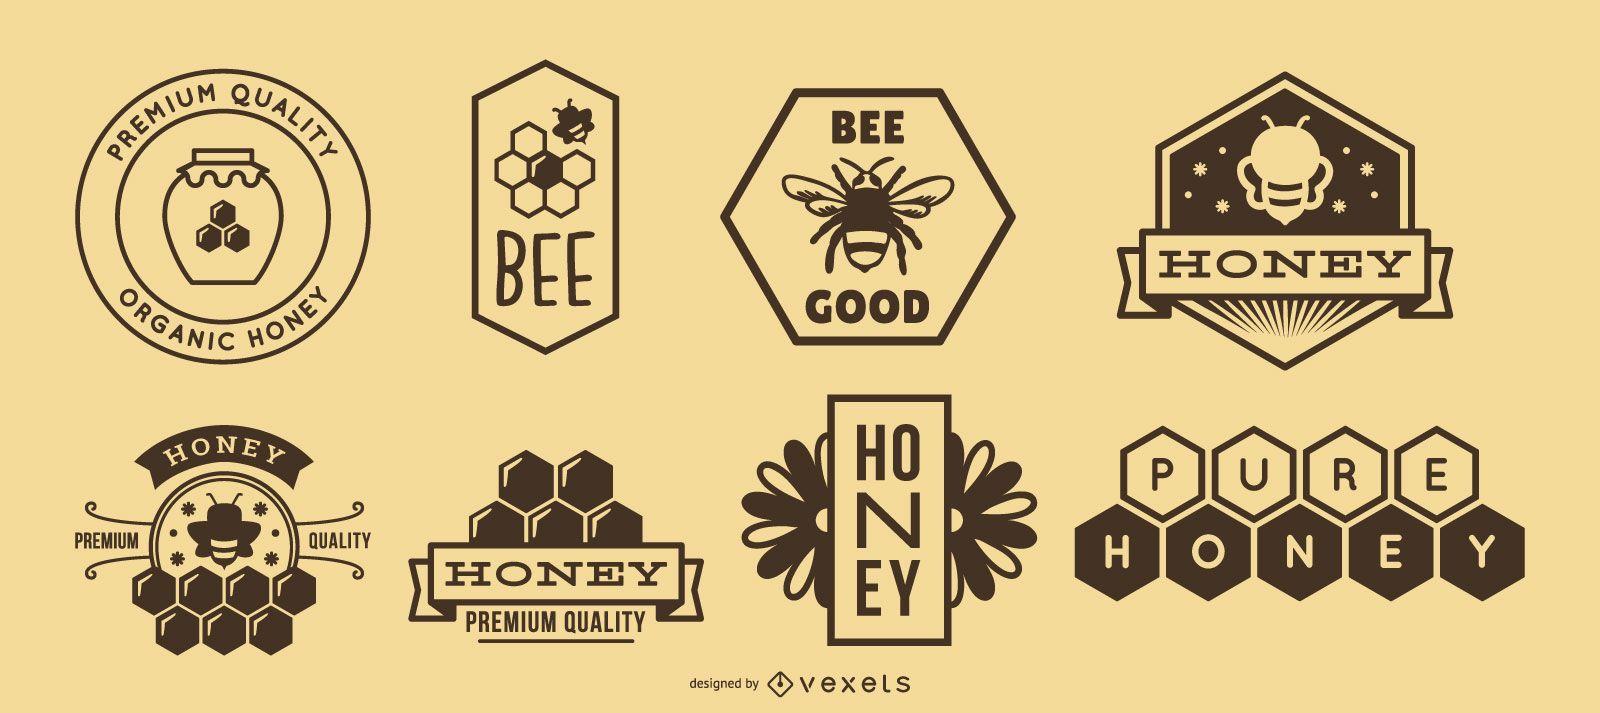 Honey logo pack